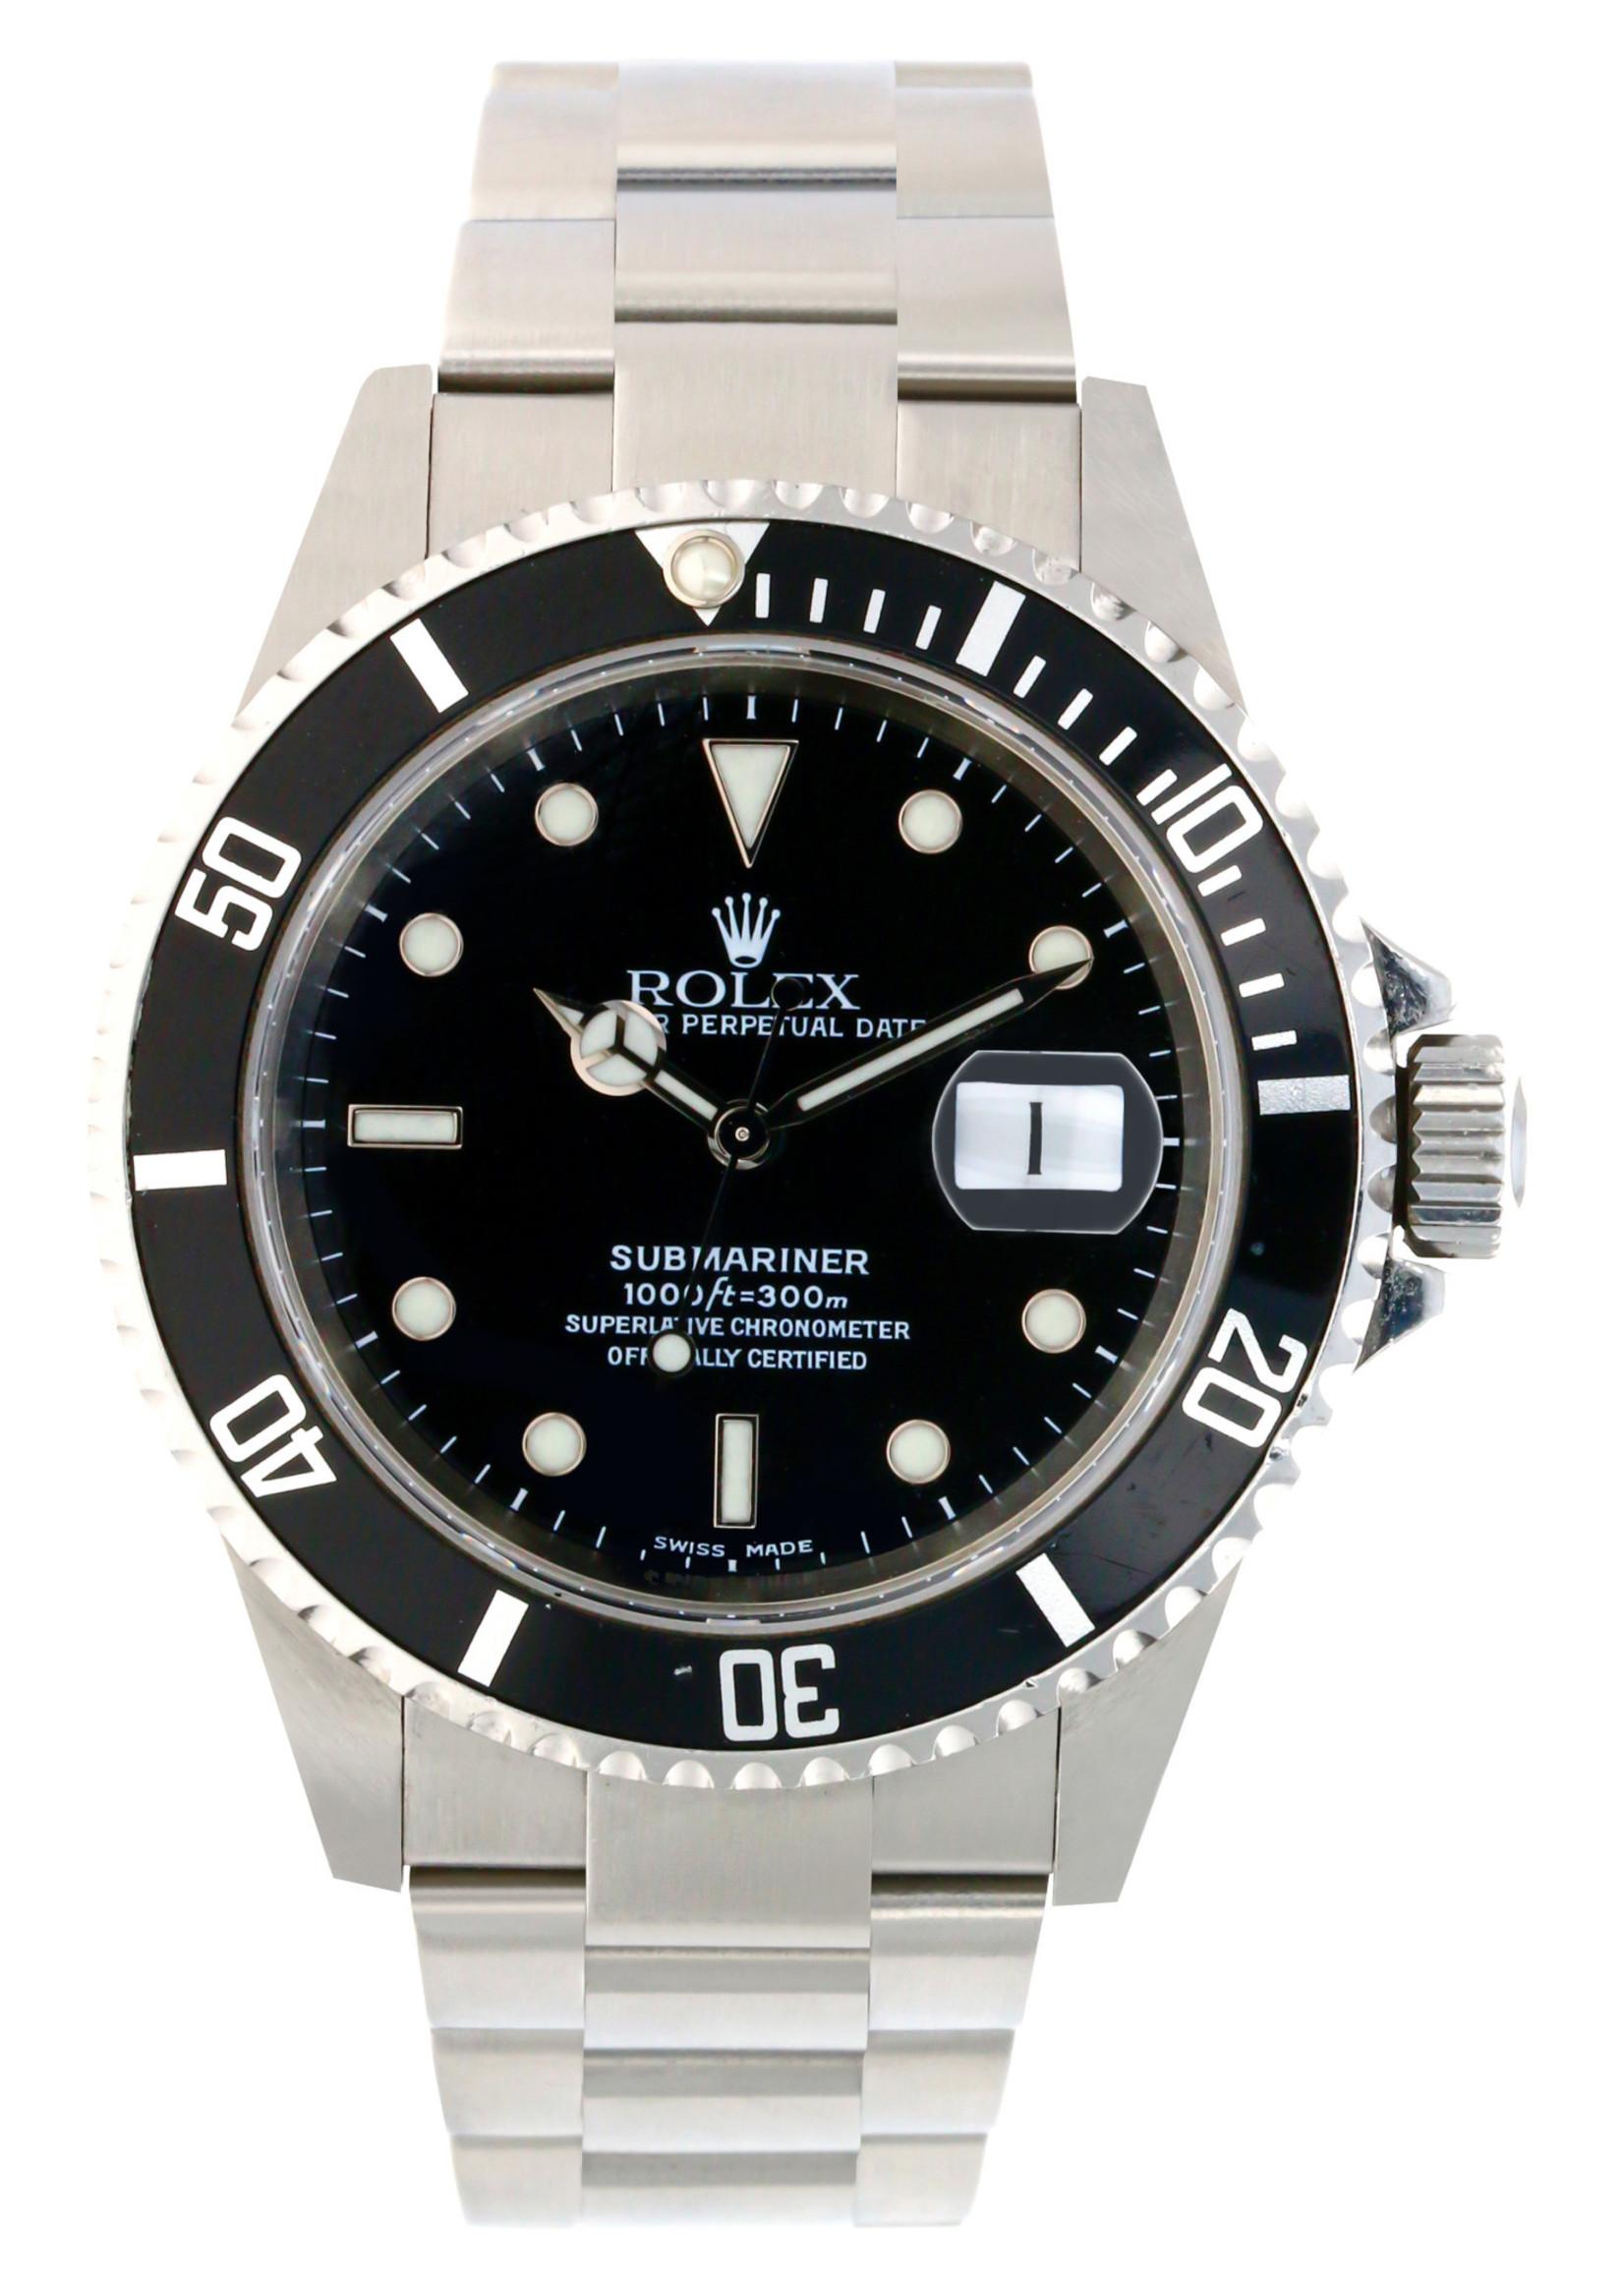 Rolex Watches ROLEX SUBMARINER 40MM (2001) #16610